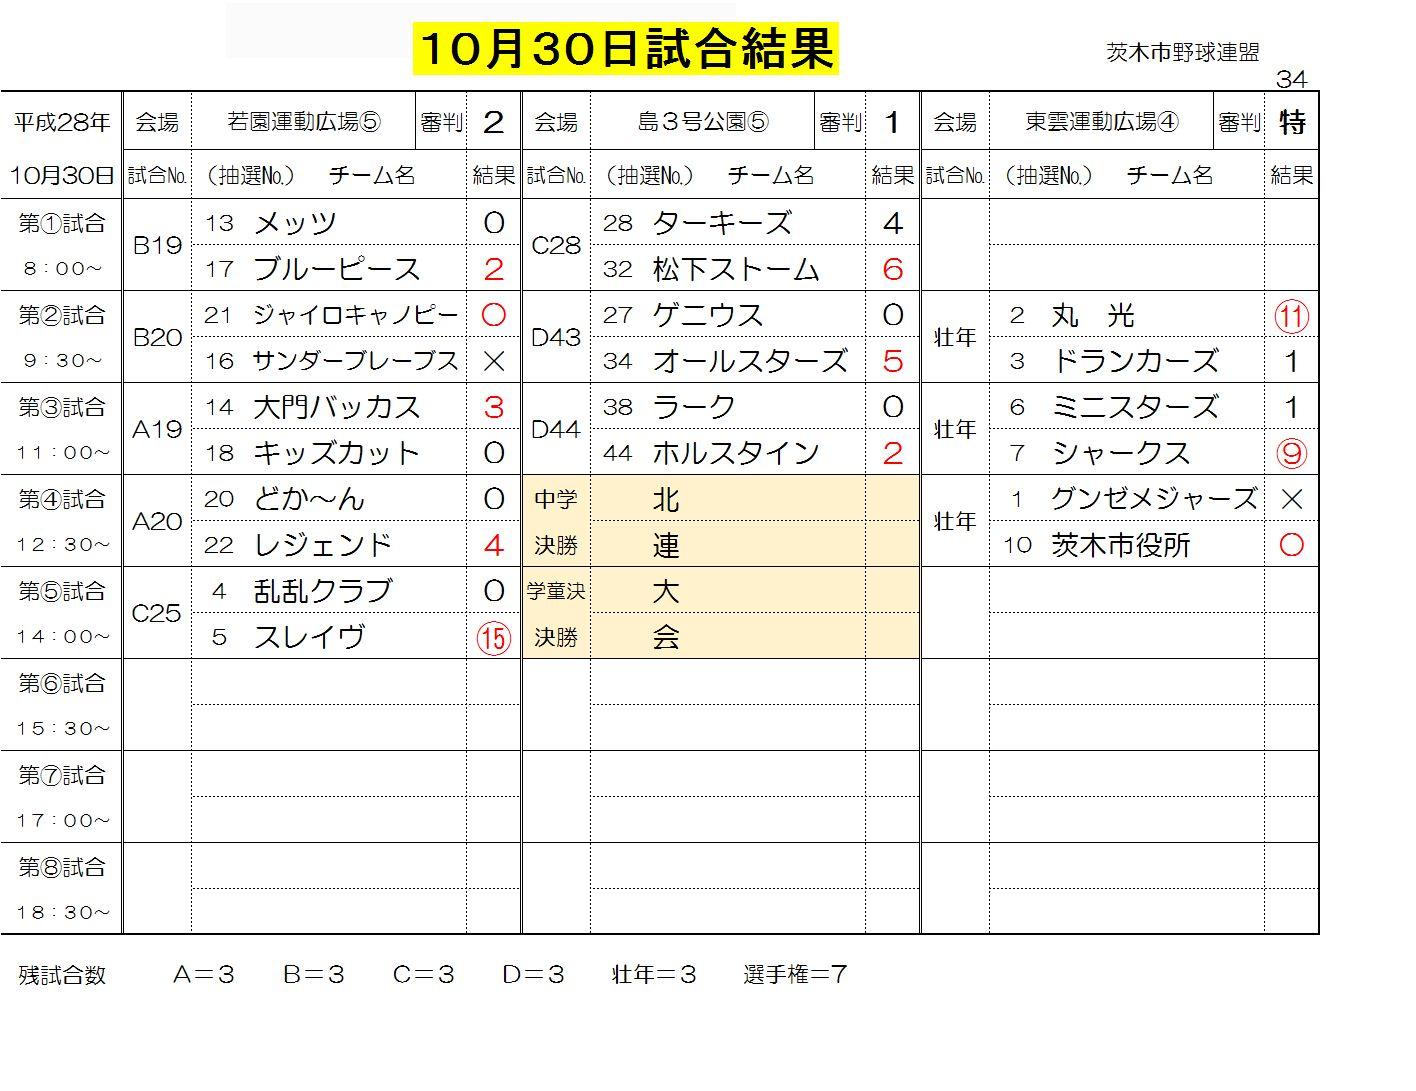 10月30日試合結果